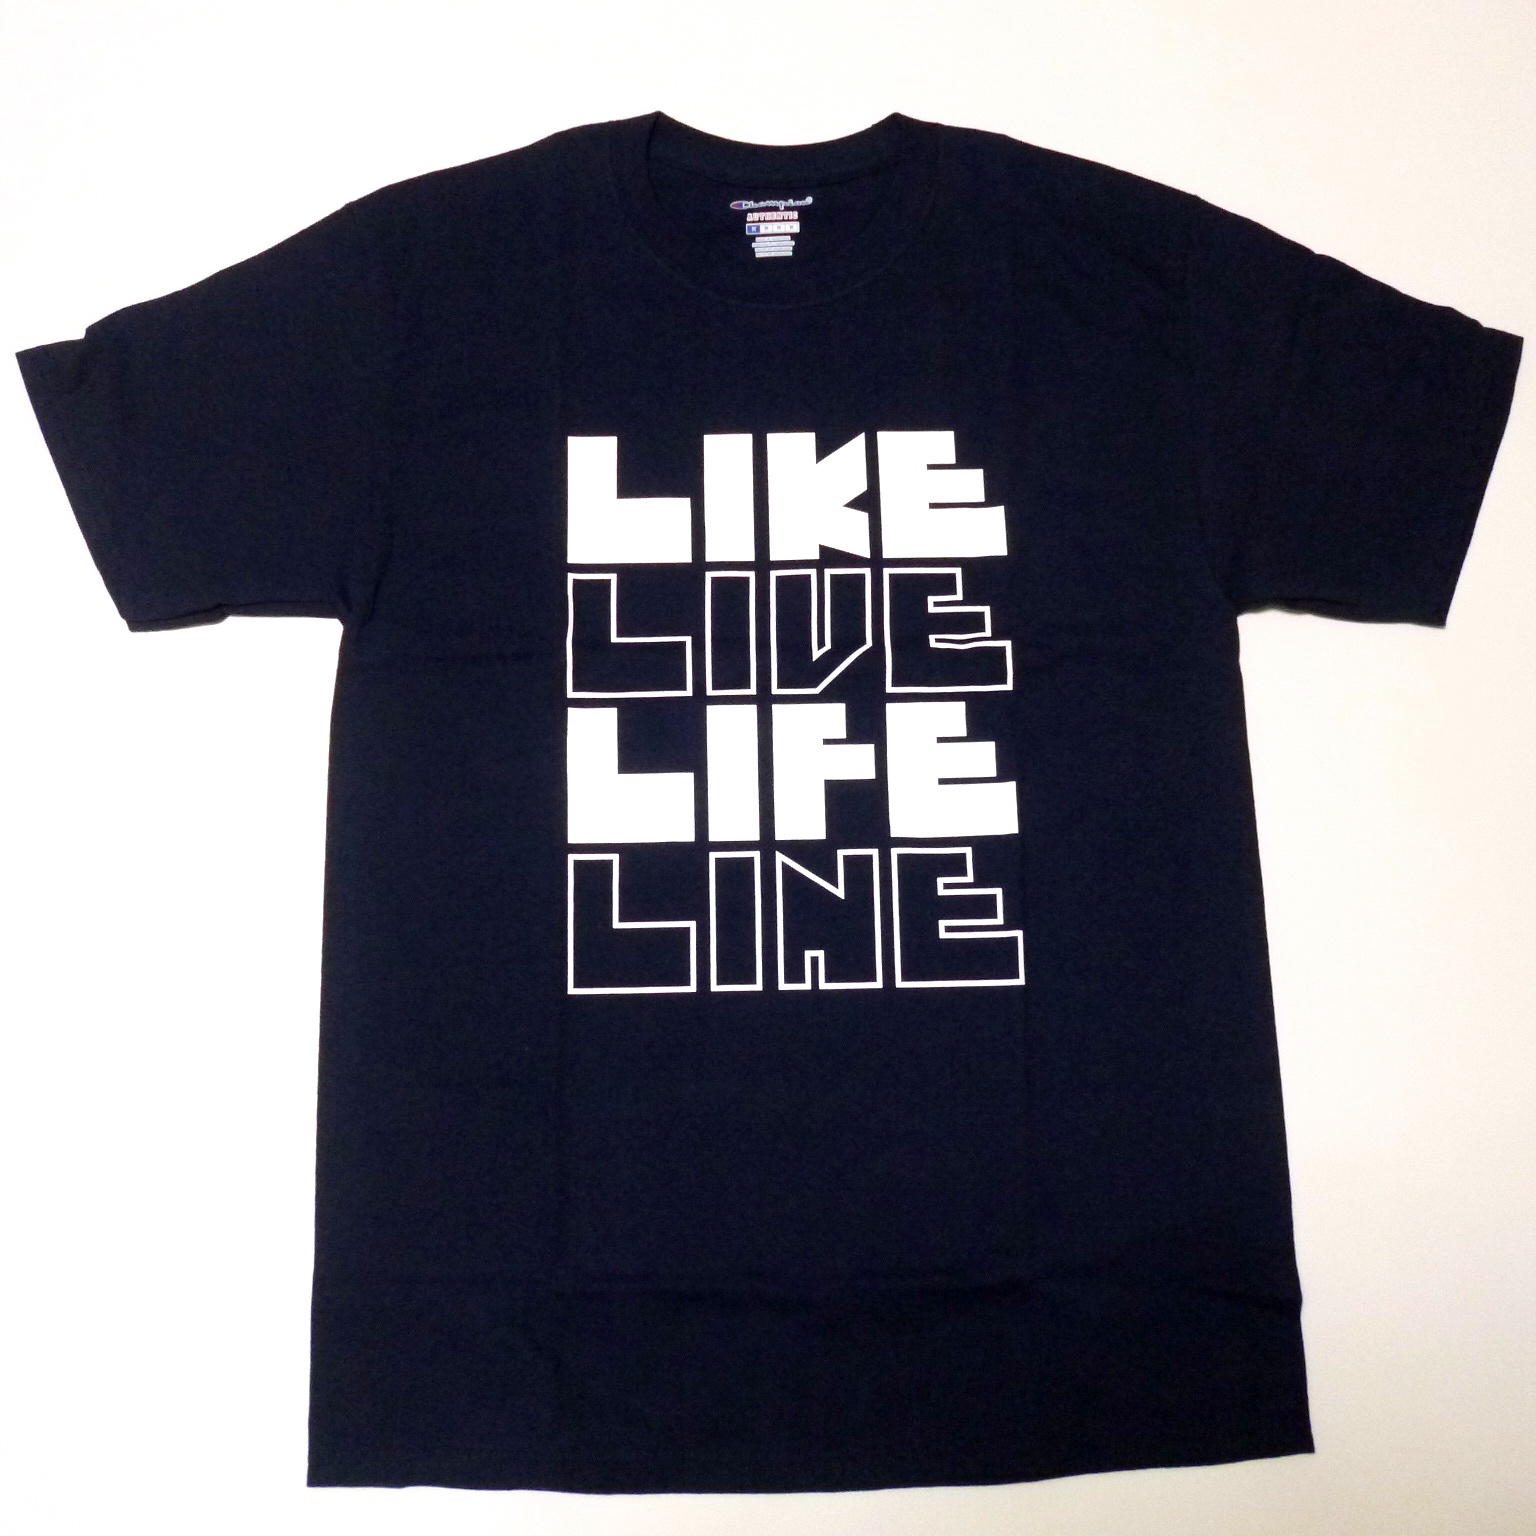 チャンピオン Champion USA企画 チャンピオン プリントTシャツ(濃紺・ネイビー)LIKE LIVE LIFE LINE